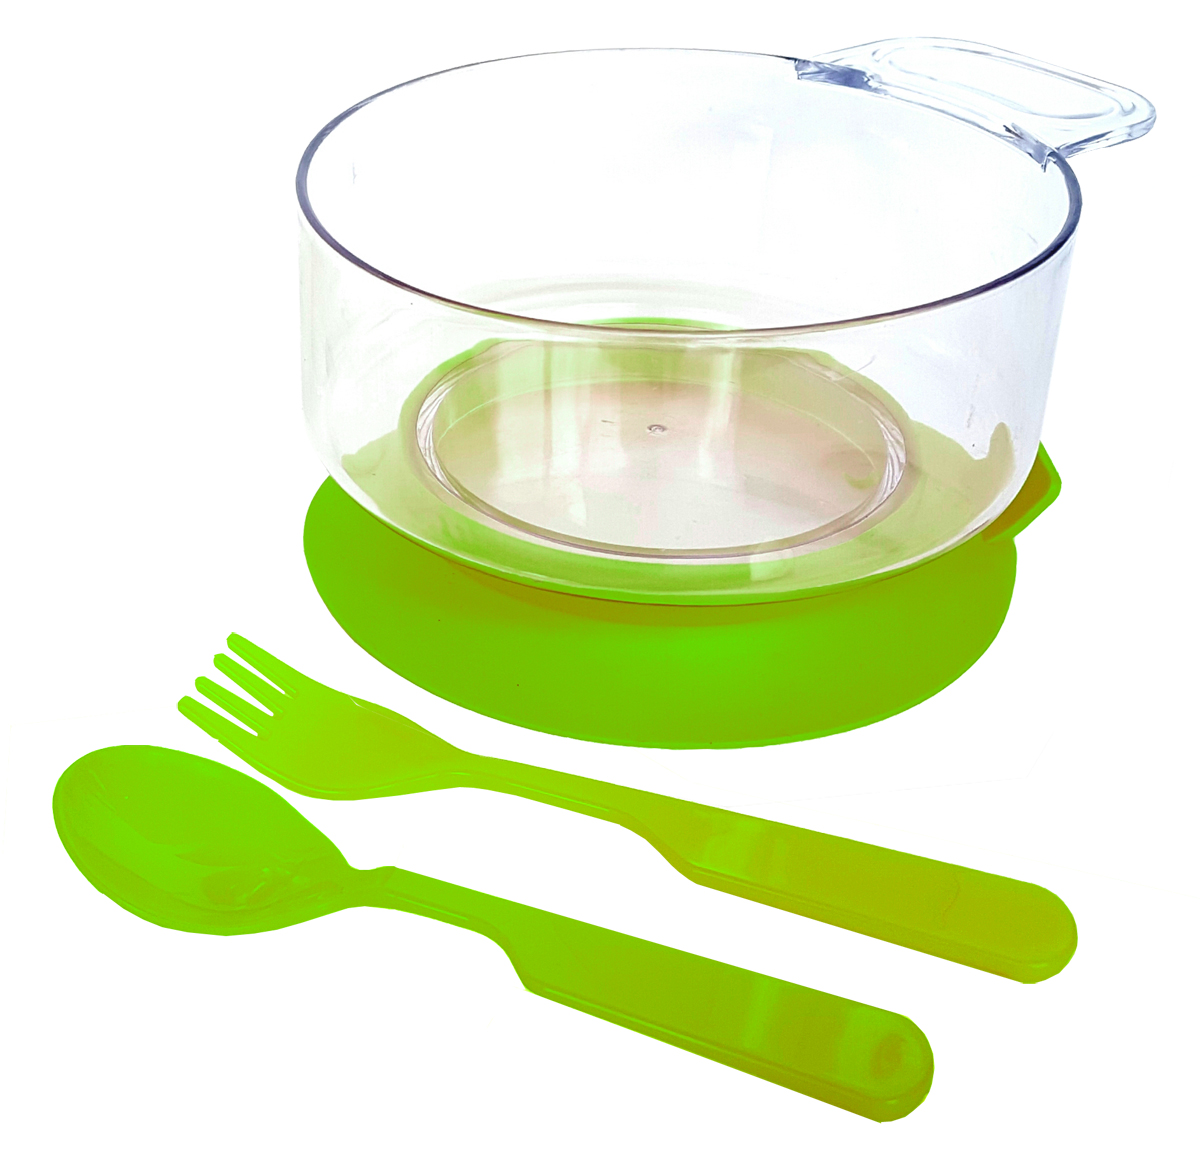 Набор детской посуды цвет салатовый 3 предмета 121378715Набор посуды из 3-х предметов, идеальный для начала самостоятельного питания малыша. Произведено в России из безопасного пищевого пластика. Форма изготовлена по лучшим европейским технологиям. Эргономичные и безопасные ложка-вилка. Глубокая тарелка с ручкой на съемной присоске предотвращает скольжение по столу и переворачивание. Яркие цвета и удобная форма обеспечивают удовольствие от кормления. Можно мыть в посудомоечной машине и ставить в СВЧ (снять присоску с тарелки!).